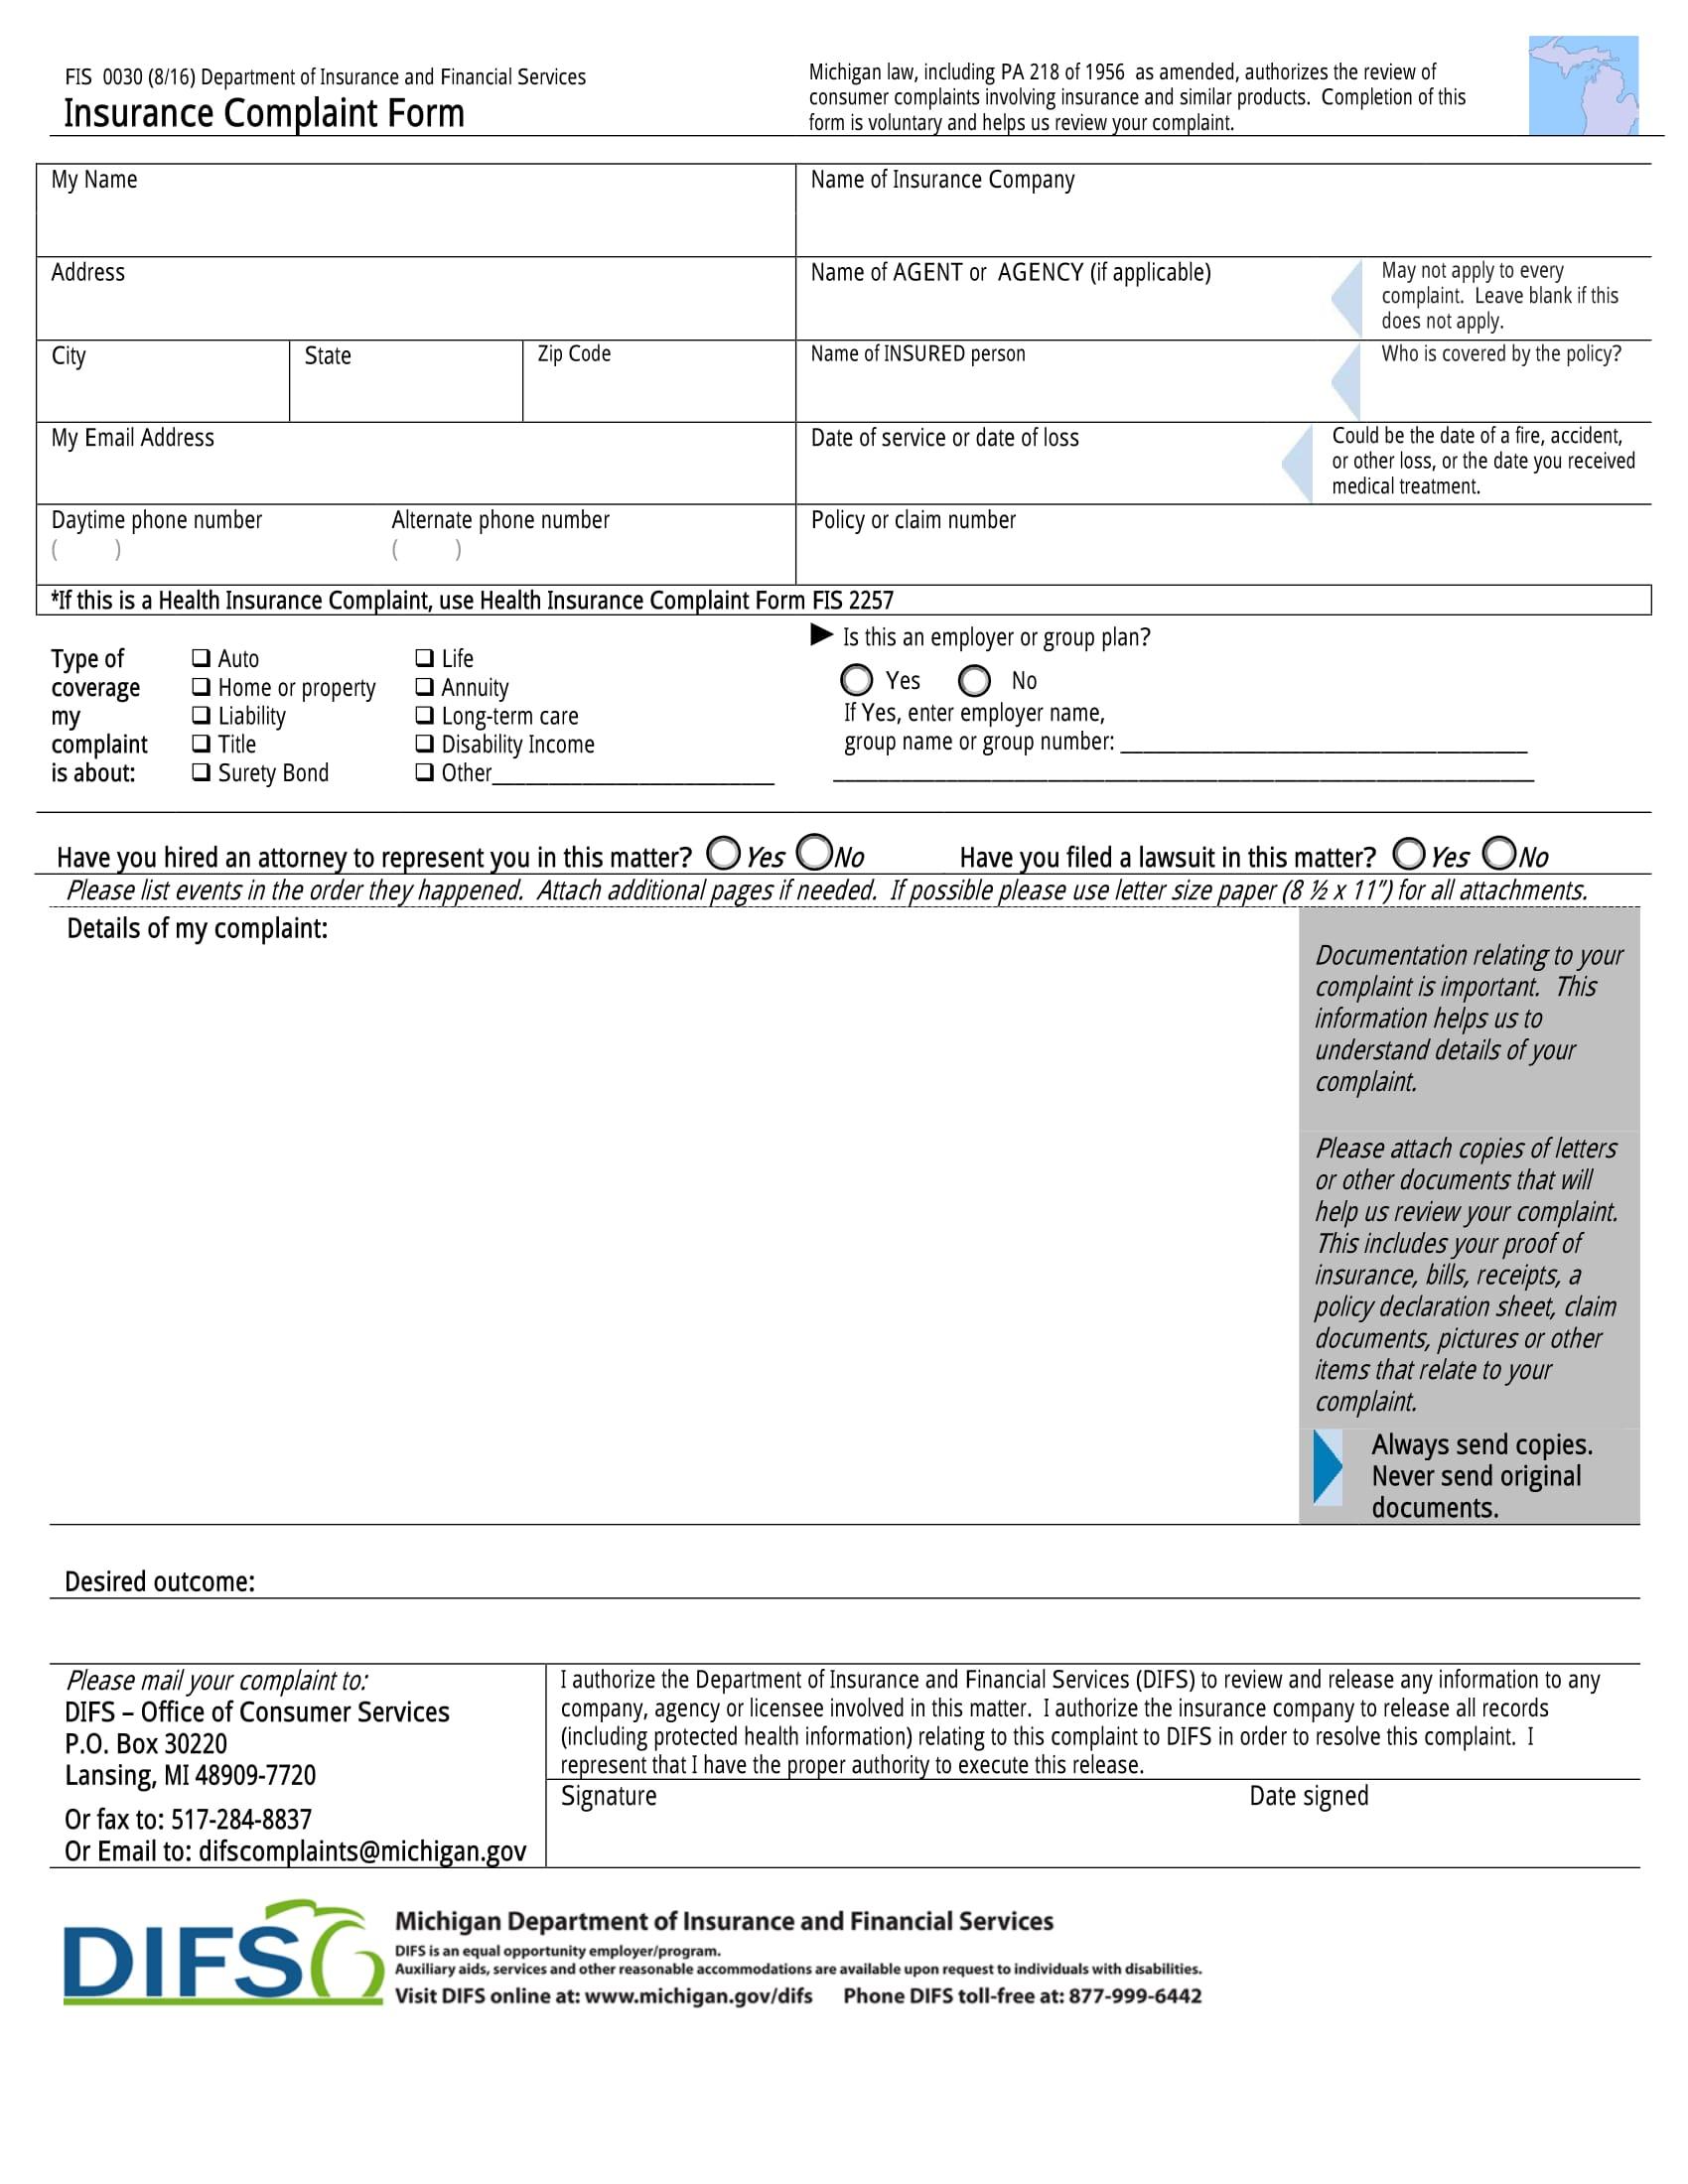 insurance complaint form 4